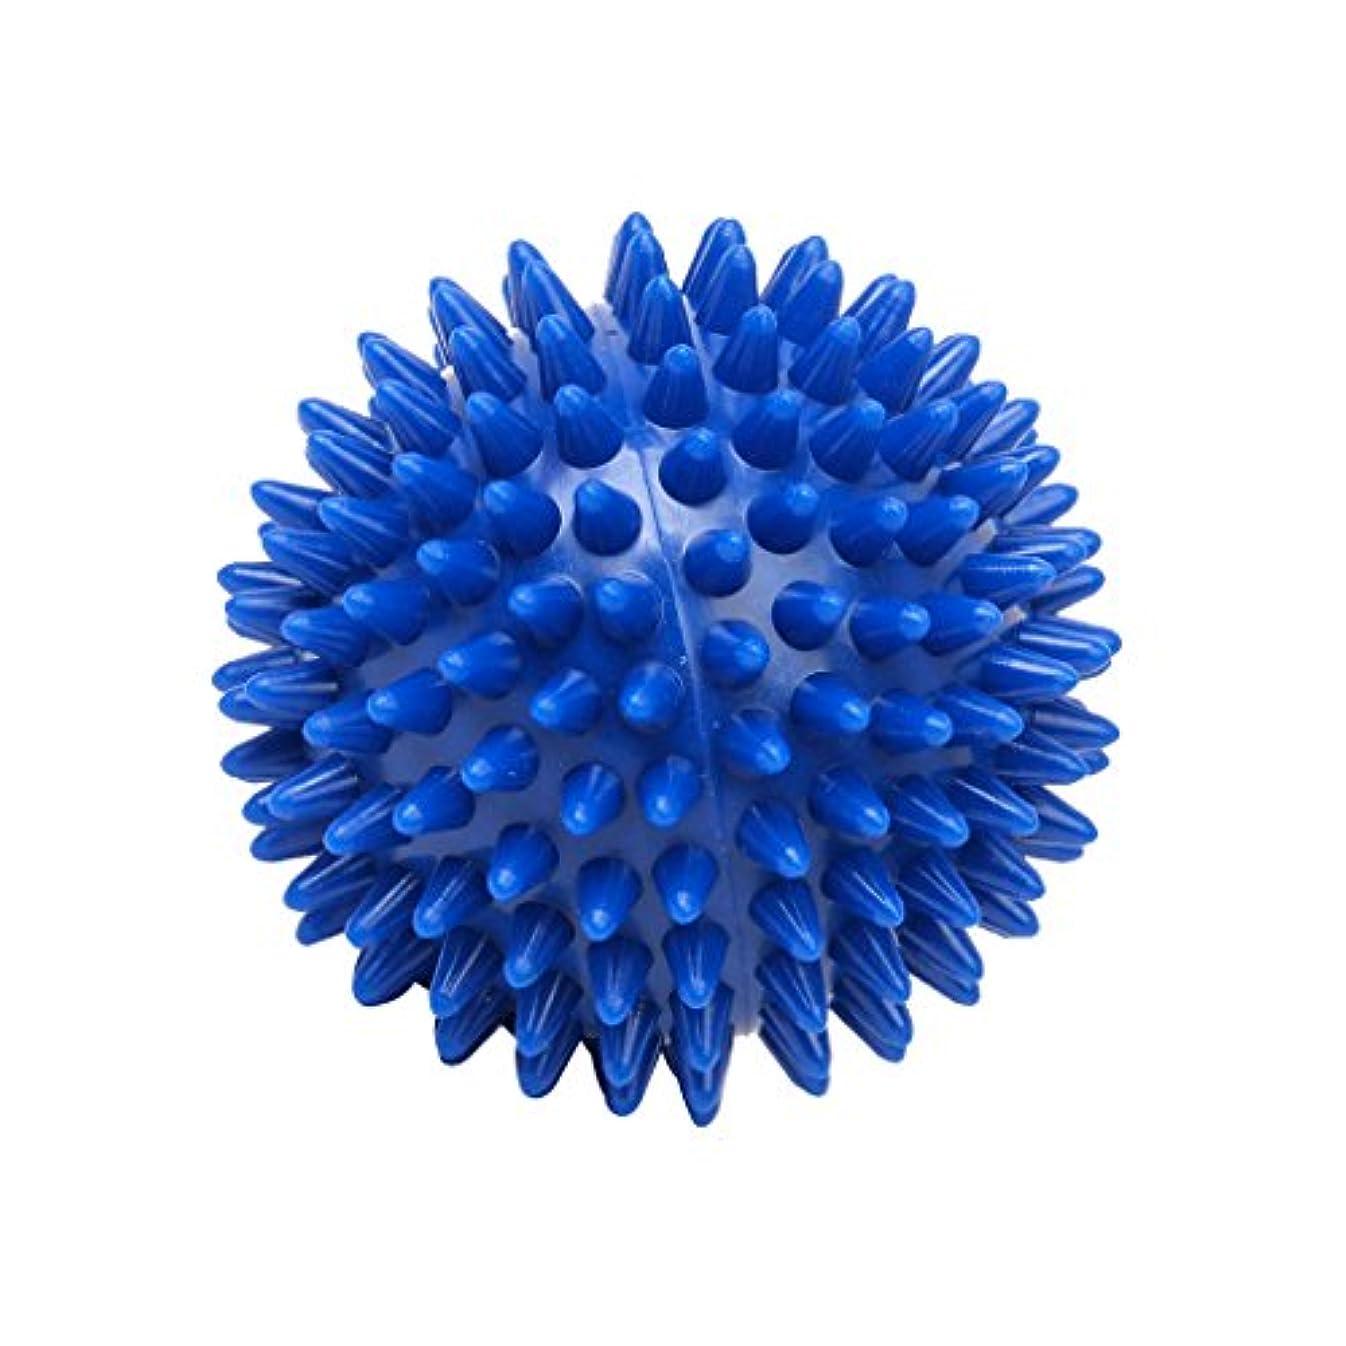 品租界ラベンダーFootful マッサージボール 健康グッズ 健康器具 血液循環促進 緊張緩和 7cm ブルー